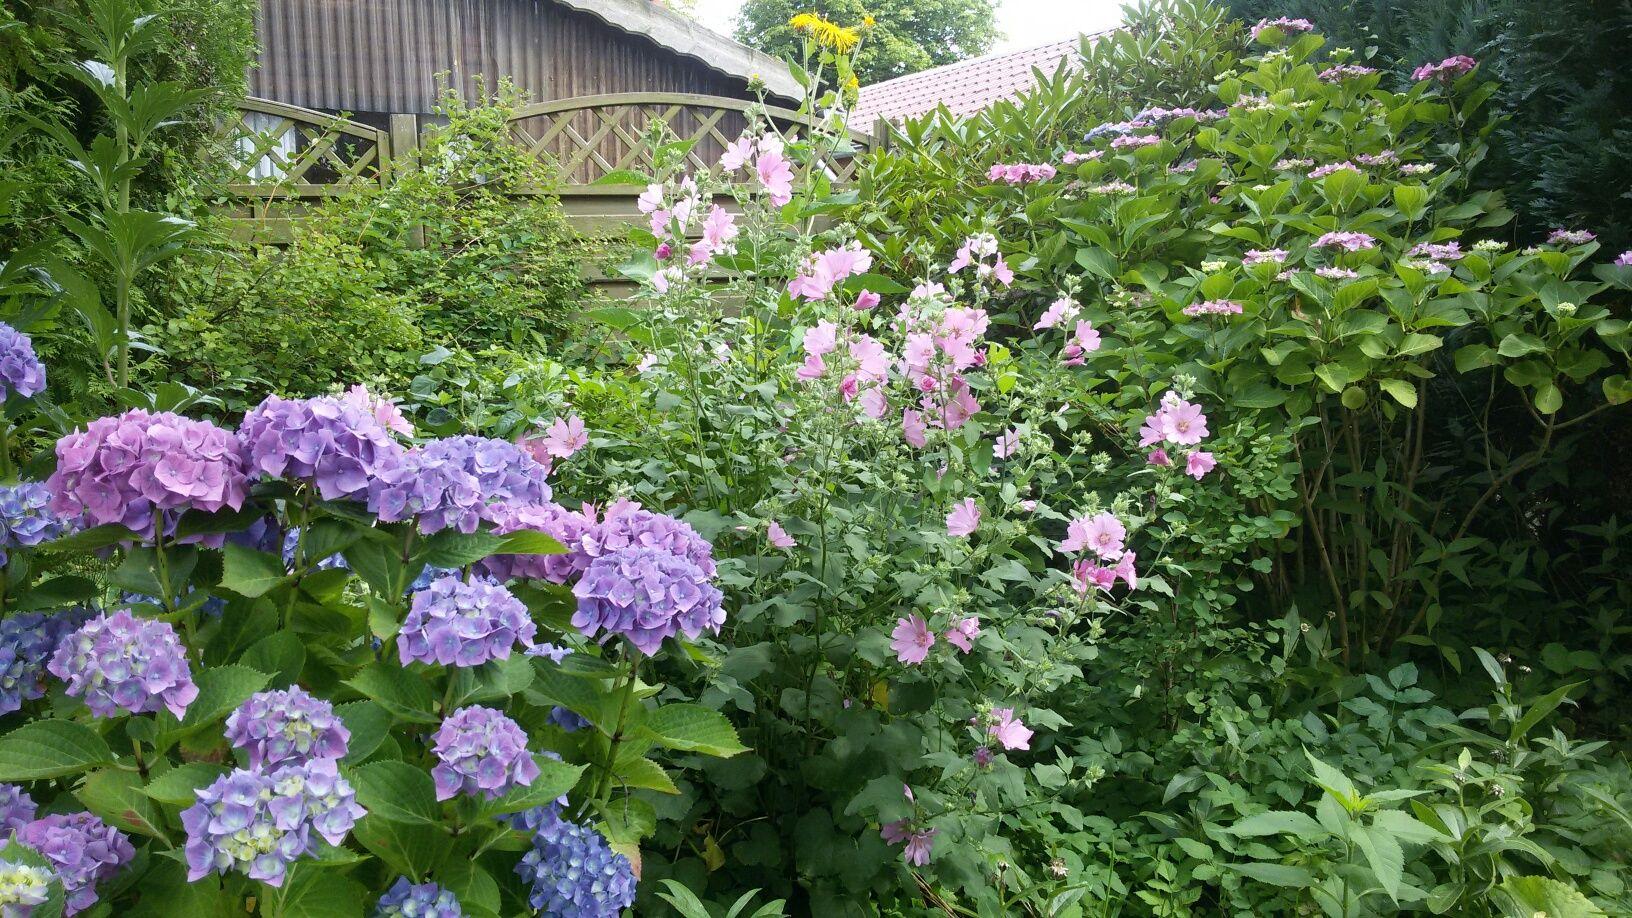 Autorenwissen-Gartenmord Obwohl ich Krimis schreibe, Leute um die Ecke bringe, Sachen verstecke und nicht gerade zimperlich mit Leichen umgehe, ist es doch erstaunlich, dass die Blumen in meinem Garten den Sommer überlebt haben. Bis jetzt jedenfalls. Es kommen ja noch ein paar Kapitel.